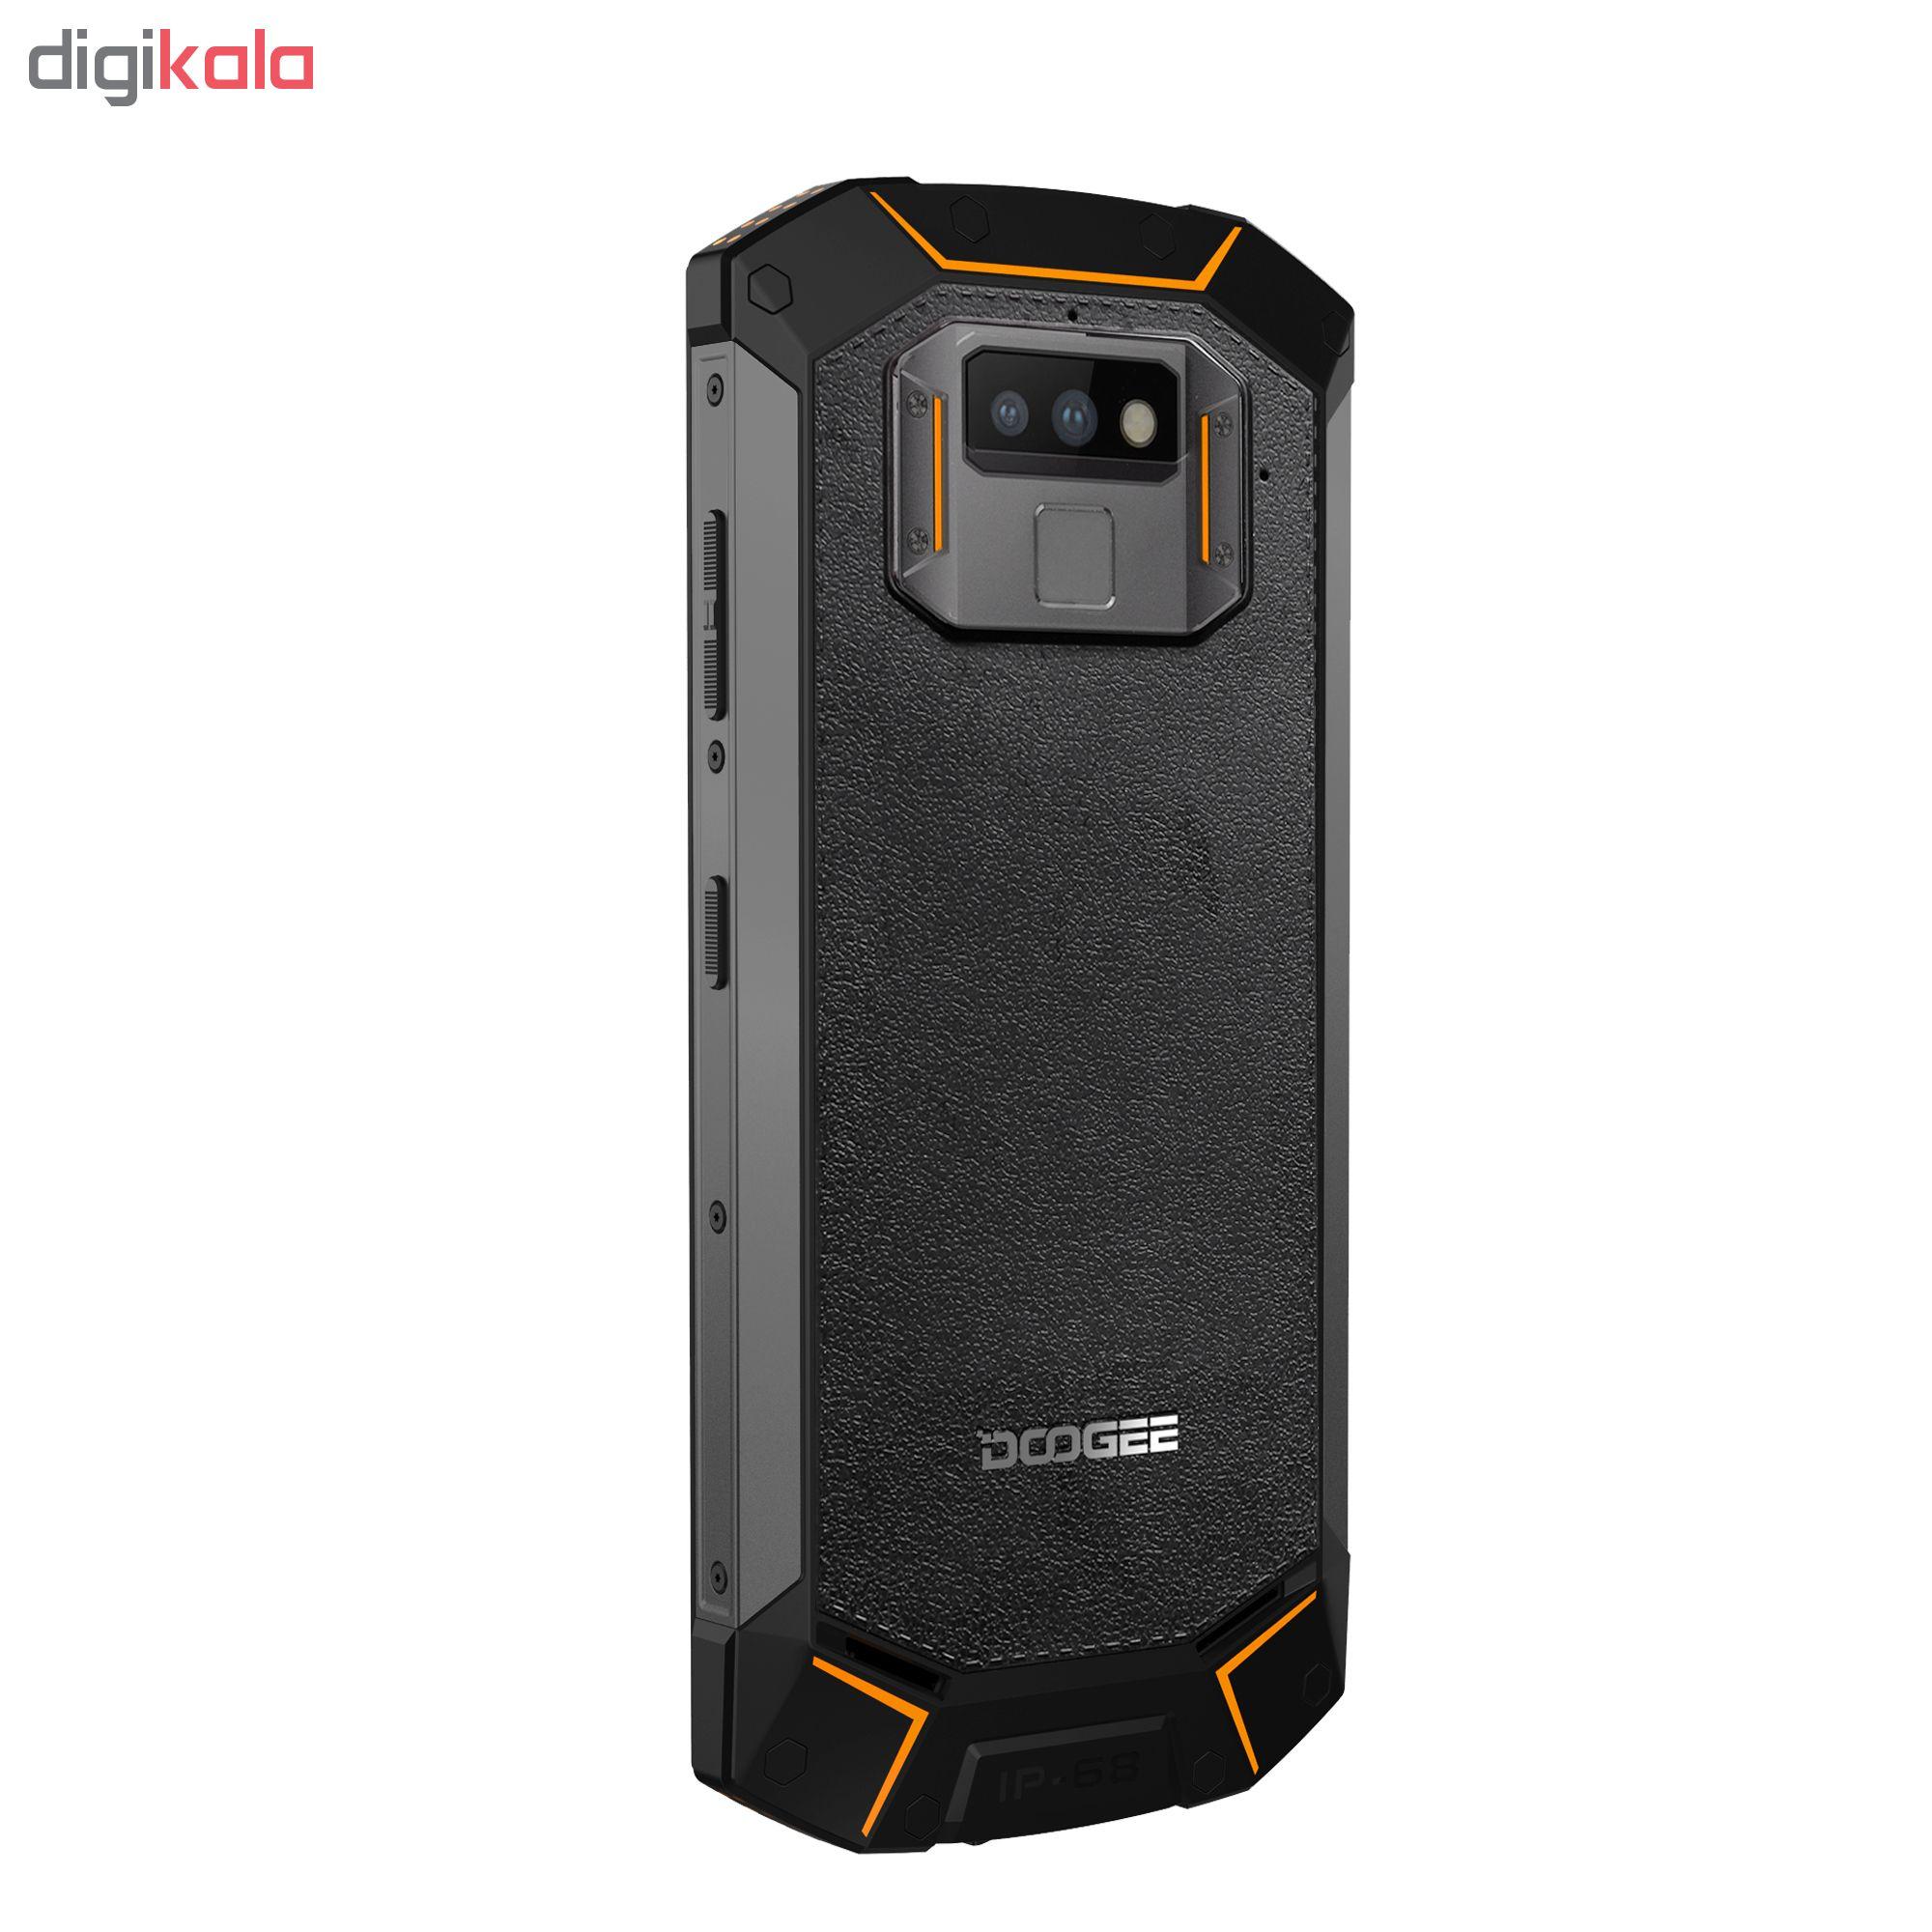 گوشی موبایل دوجی مدل S70 دو سیم کارت